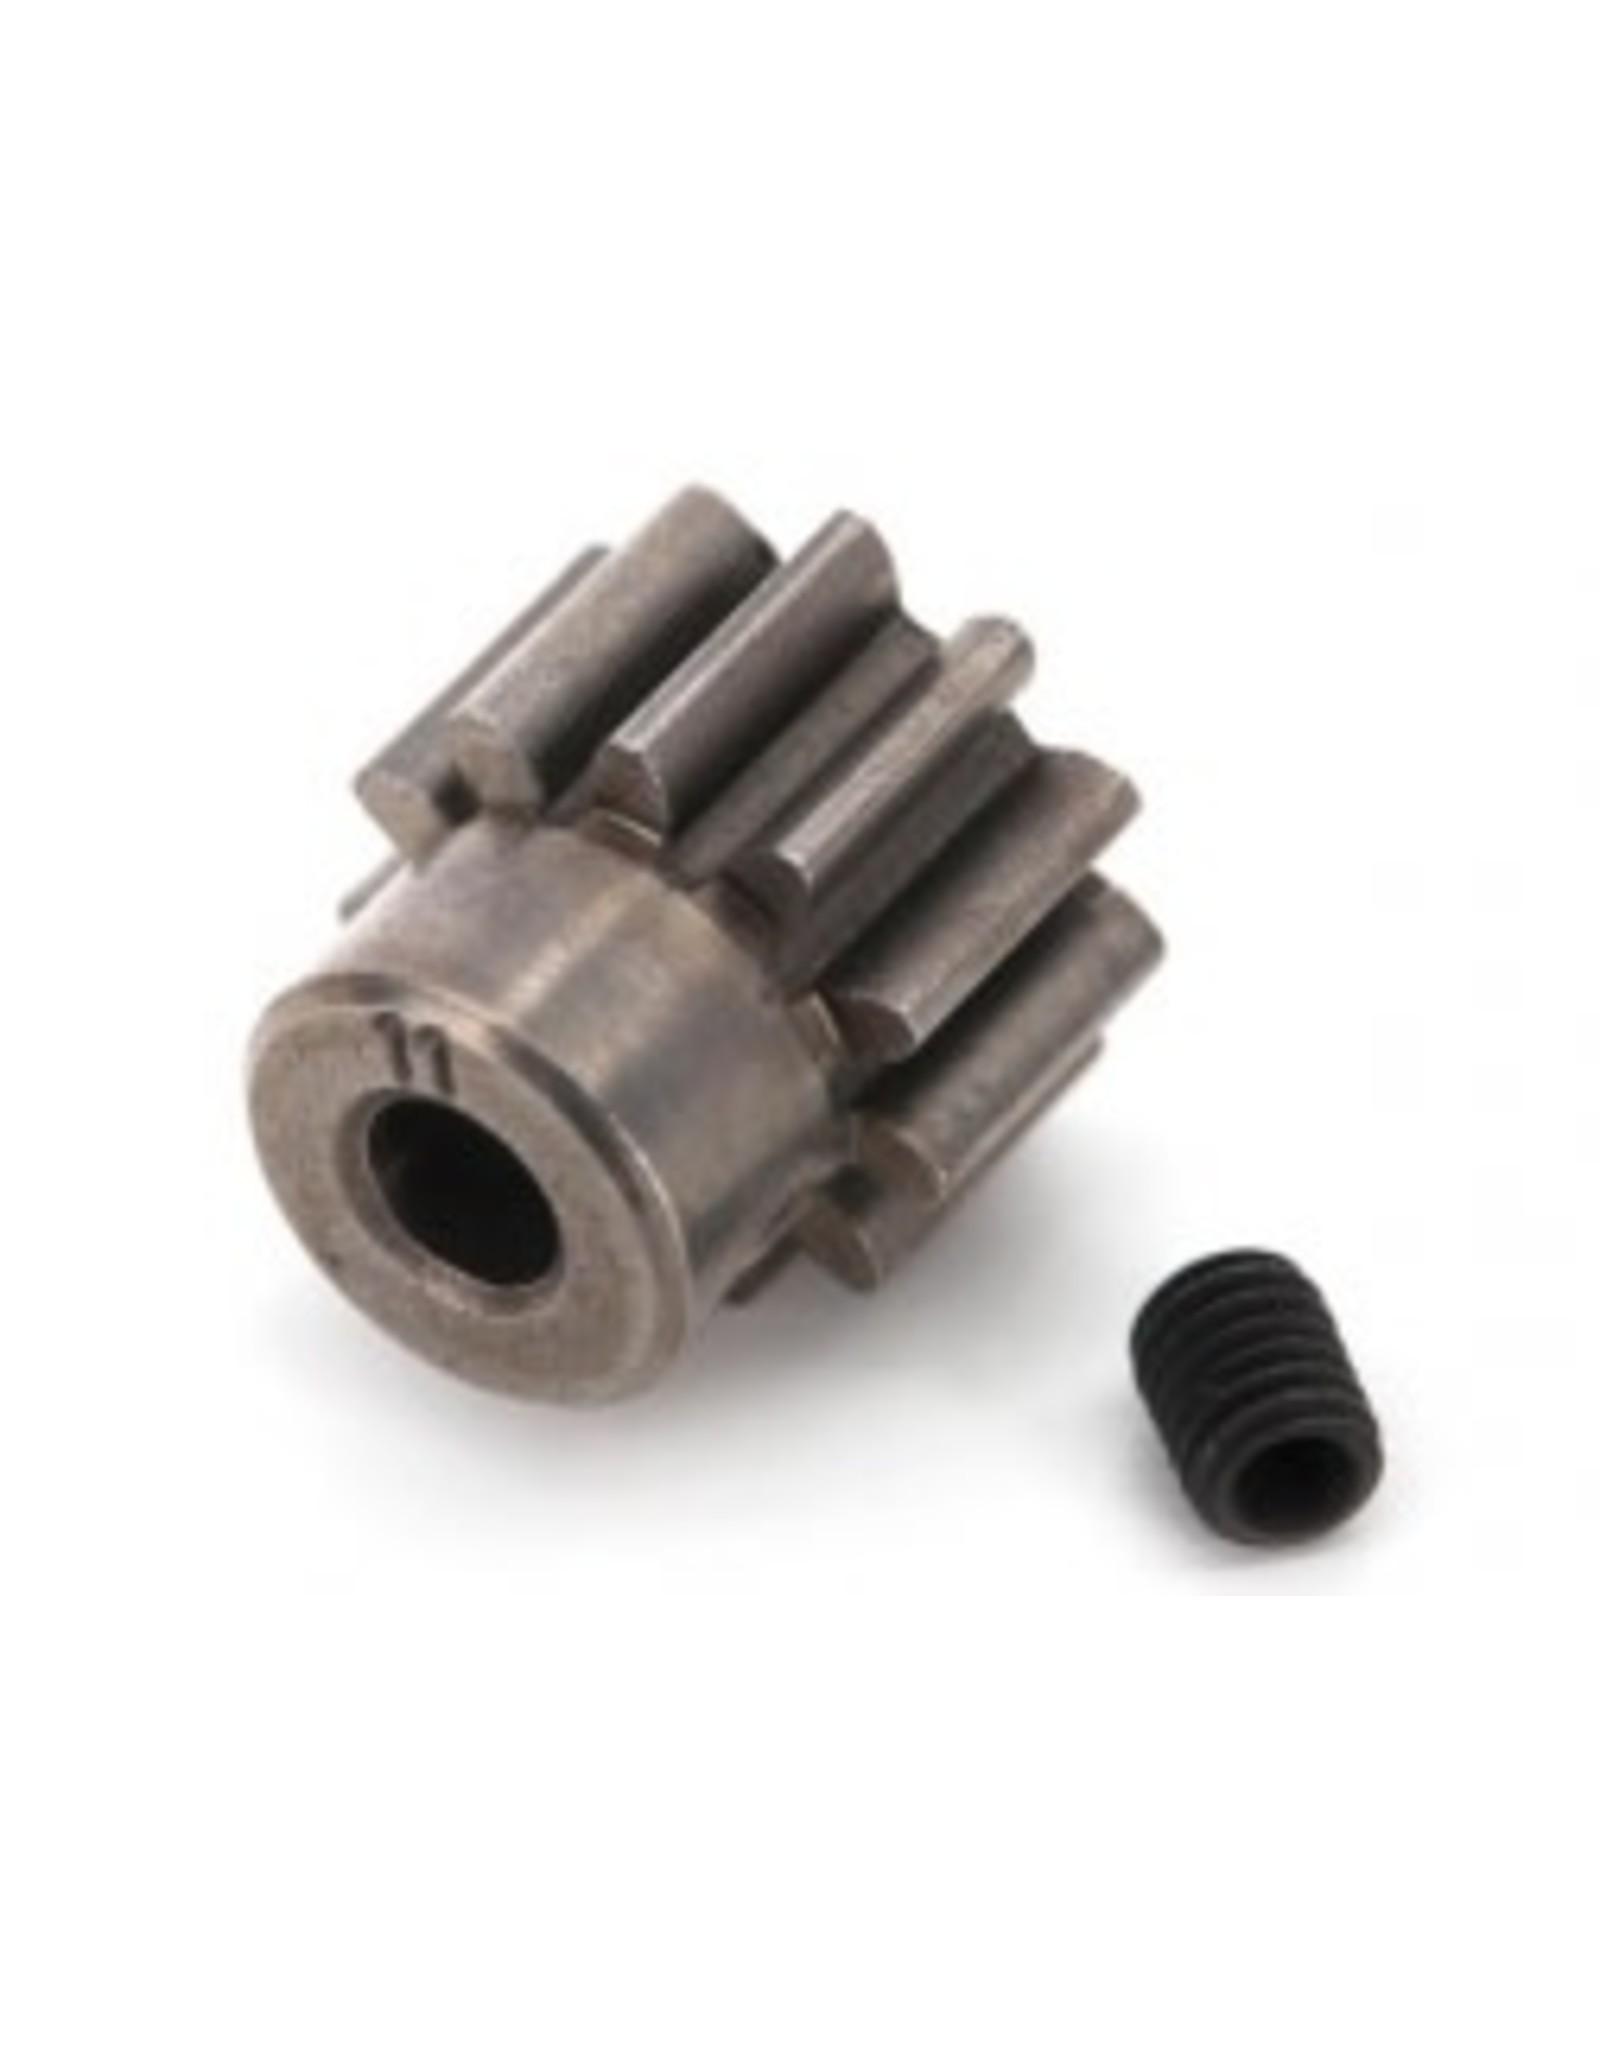 Traxxas [Gear, 11-T pinion (32-p) (steel)/ set screw] Gear, 11-T pinion (32-p) (steel)/ set screw